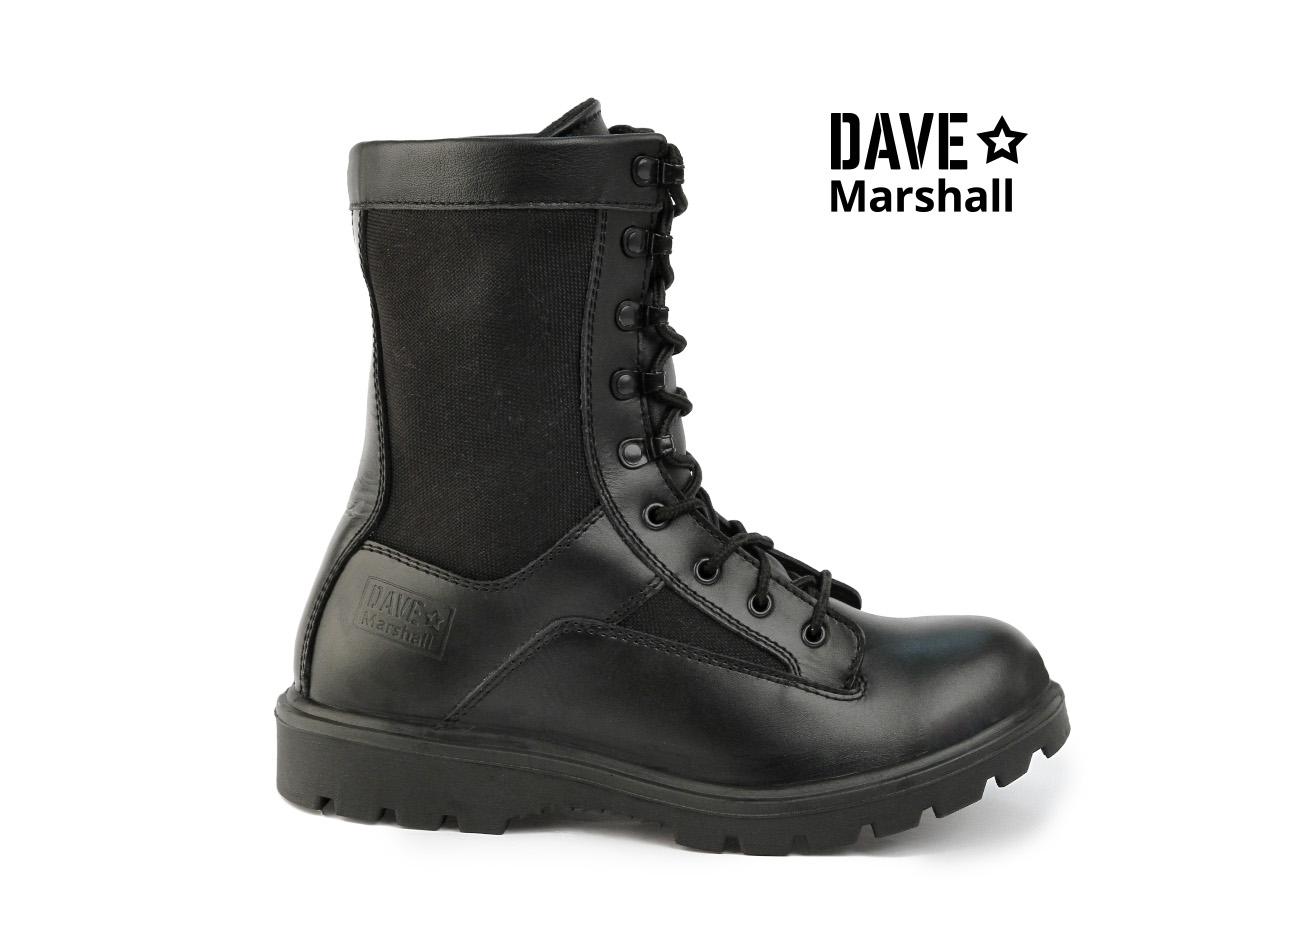 Ботинки кожаные облегченные с высокими Берцы<br><br><br>Пол: мужской<br>Размер: 41<br>Сезон: лето<br>Цвет: черный